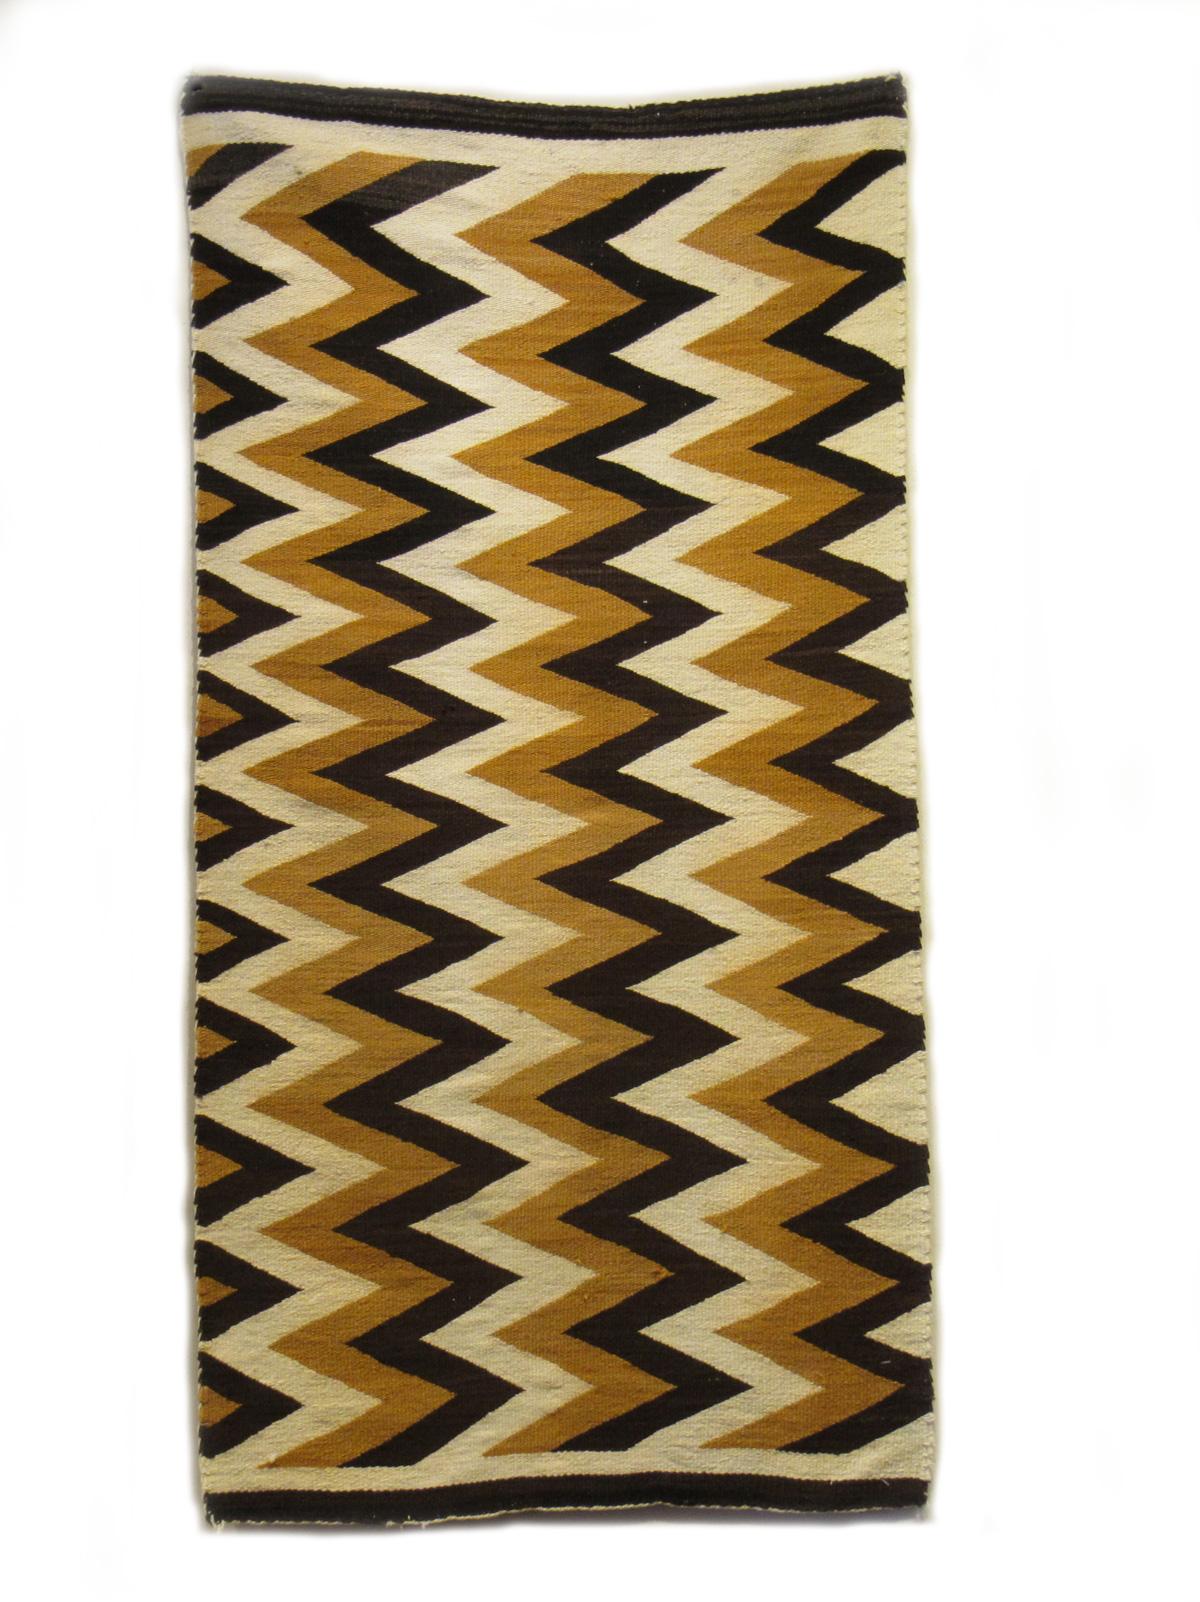 Vintage Navajo Wedge Weave